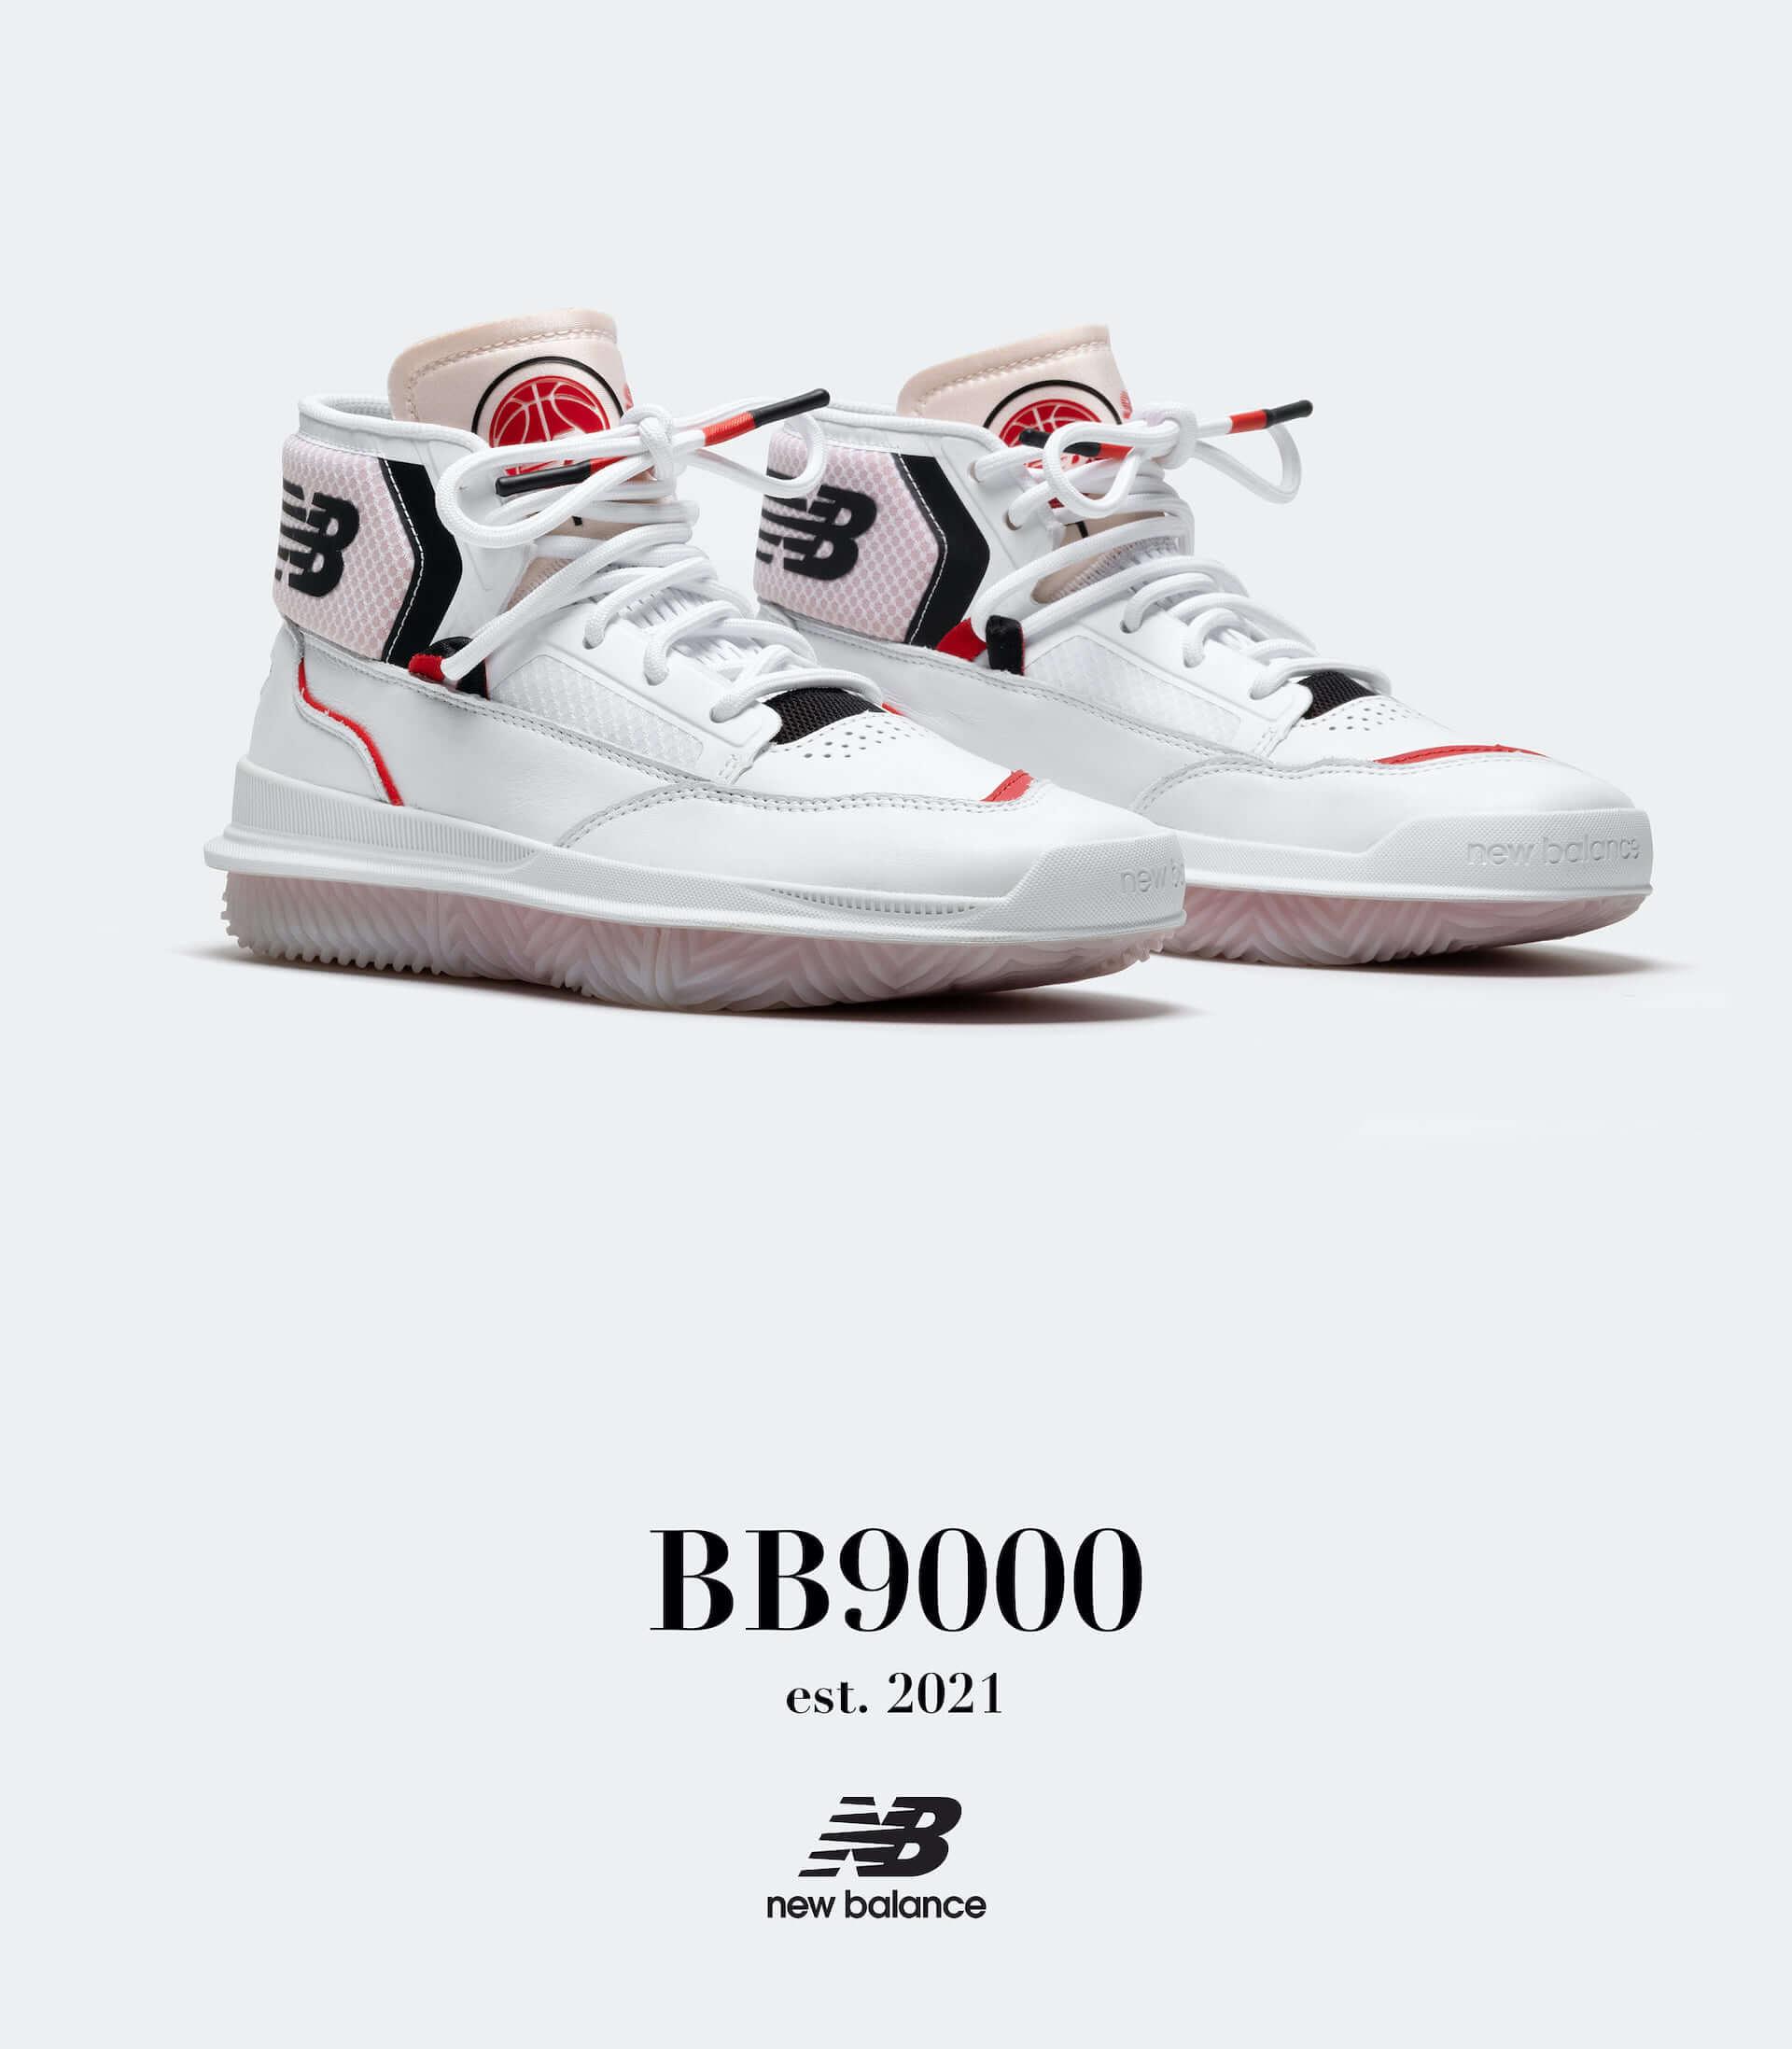 ニューバランスから近未来的デザインの新作シューズ『BB9000』が登場!人気モデルの要素とプレミアム素材を融合 lf210331_newbalance_4-1920x2195